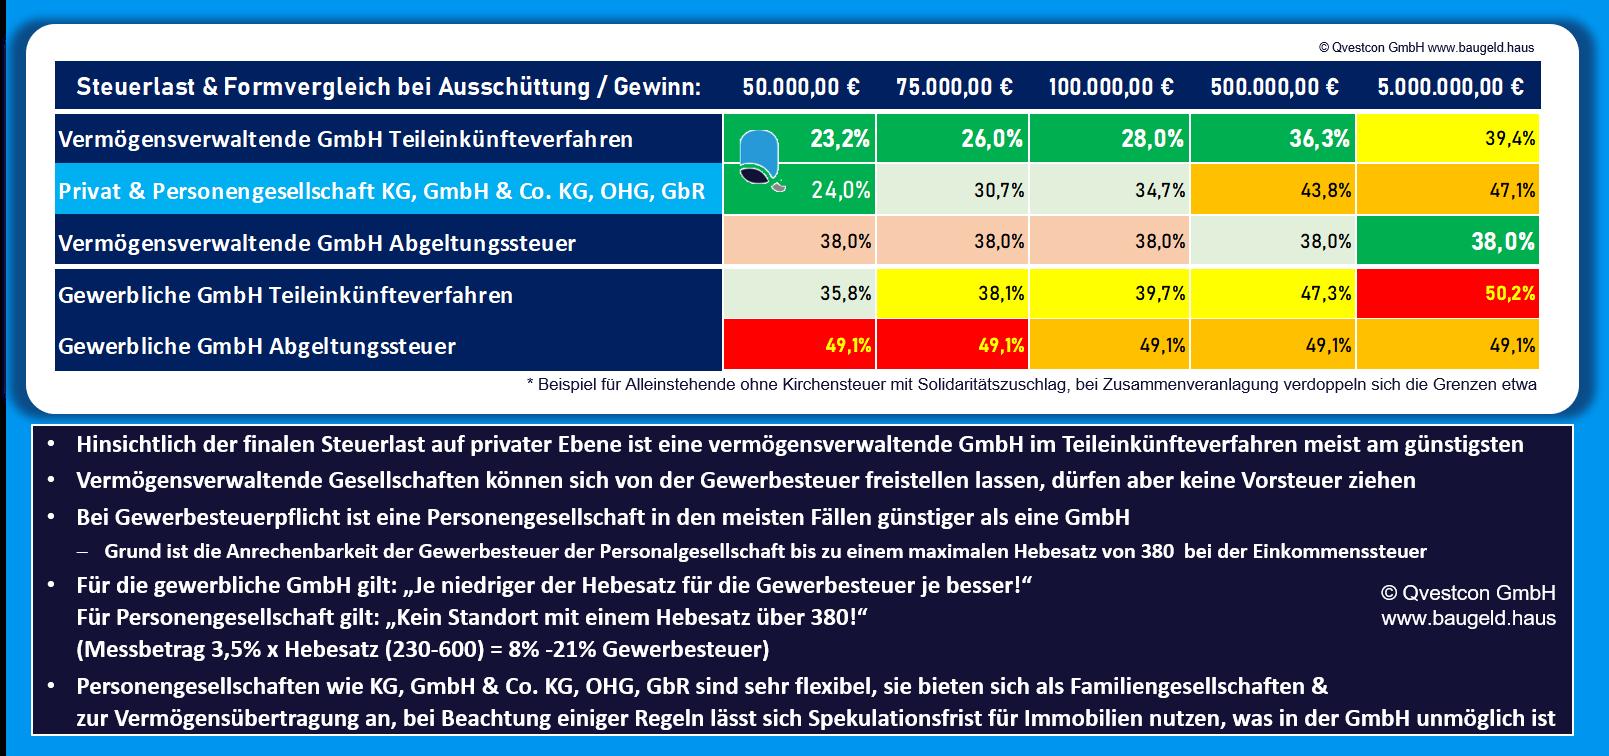 Anlagevergleich über GmbH und Personengesellschaften